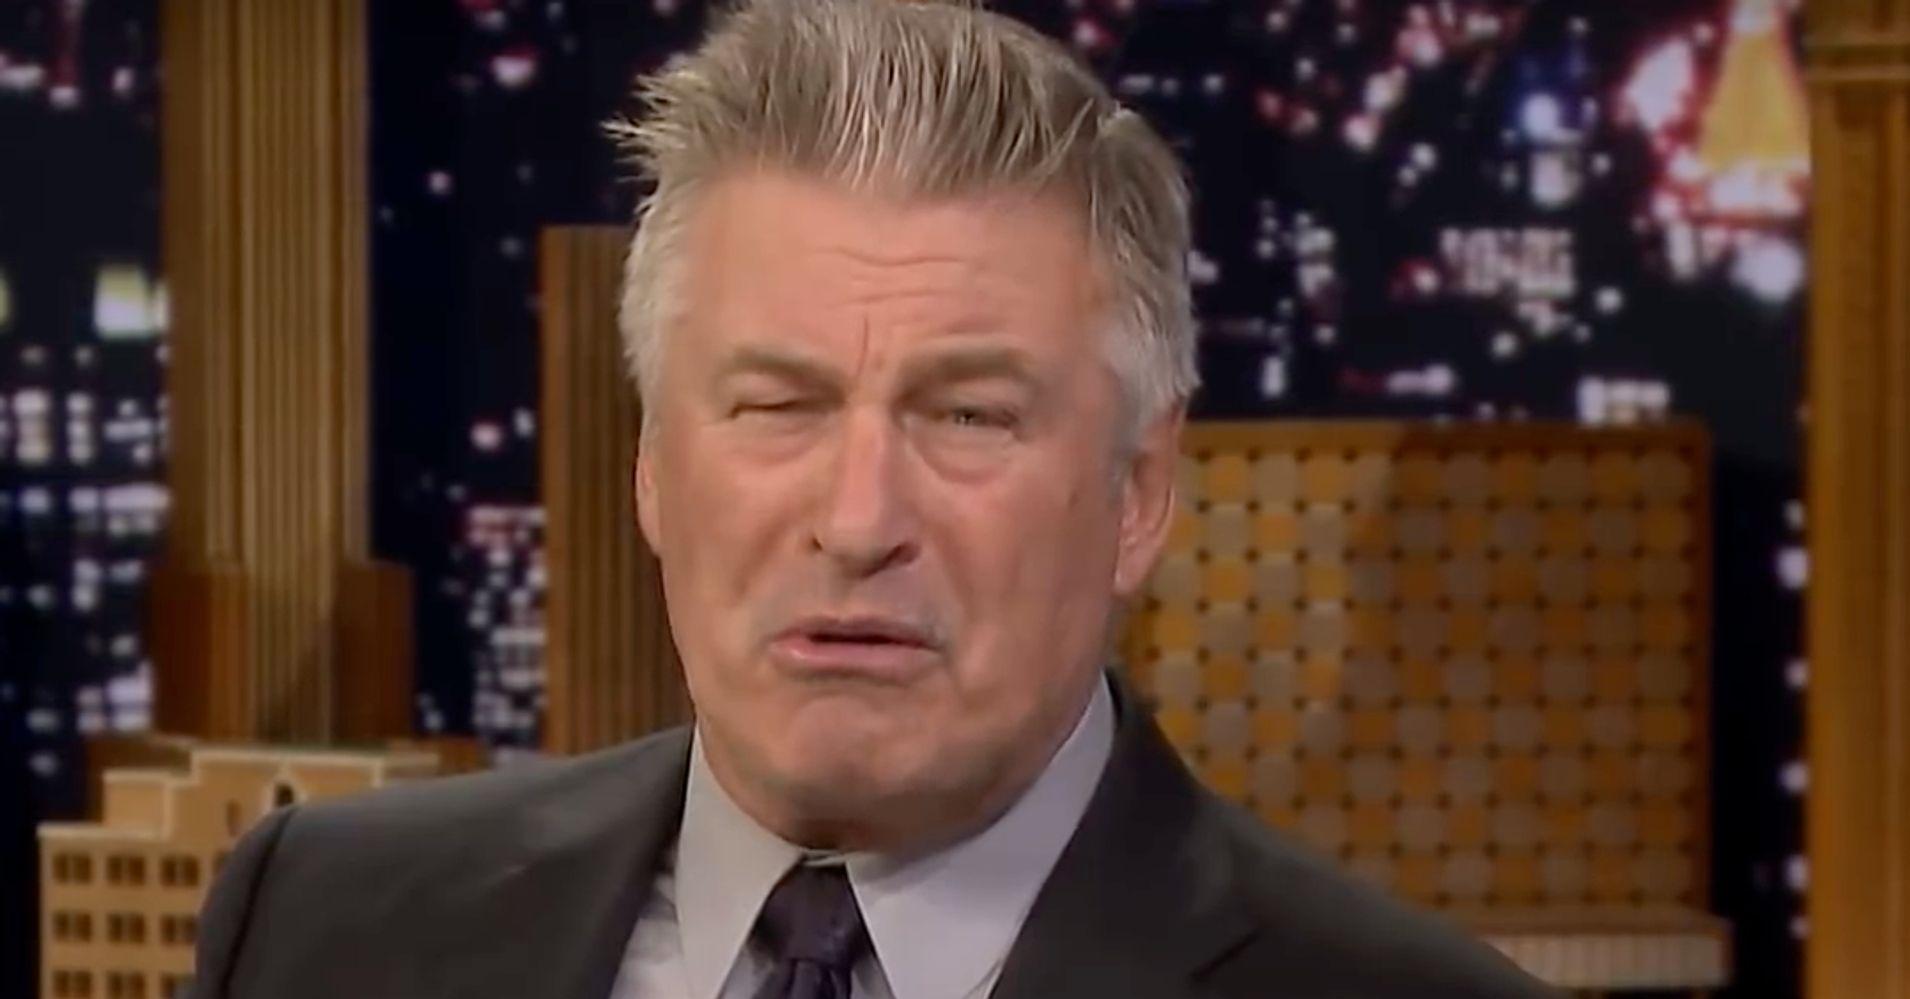 Alec Baldwin Totally Nails His Impression Of Robert De Niro